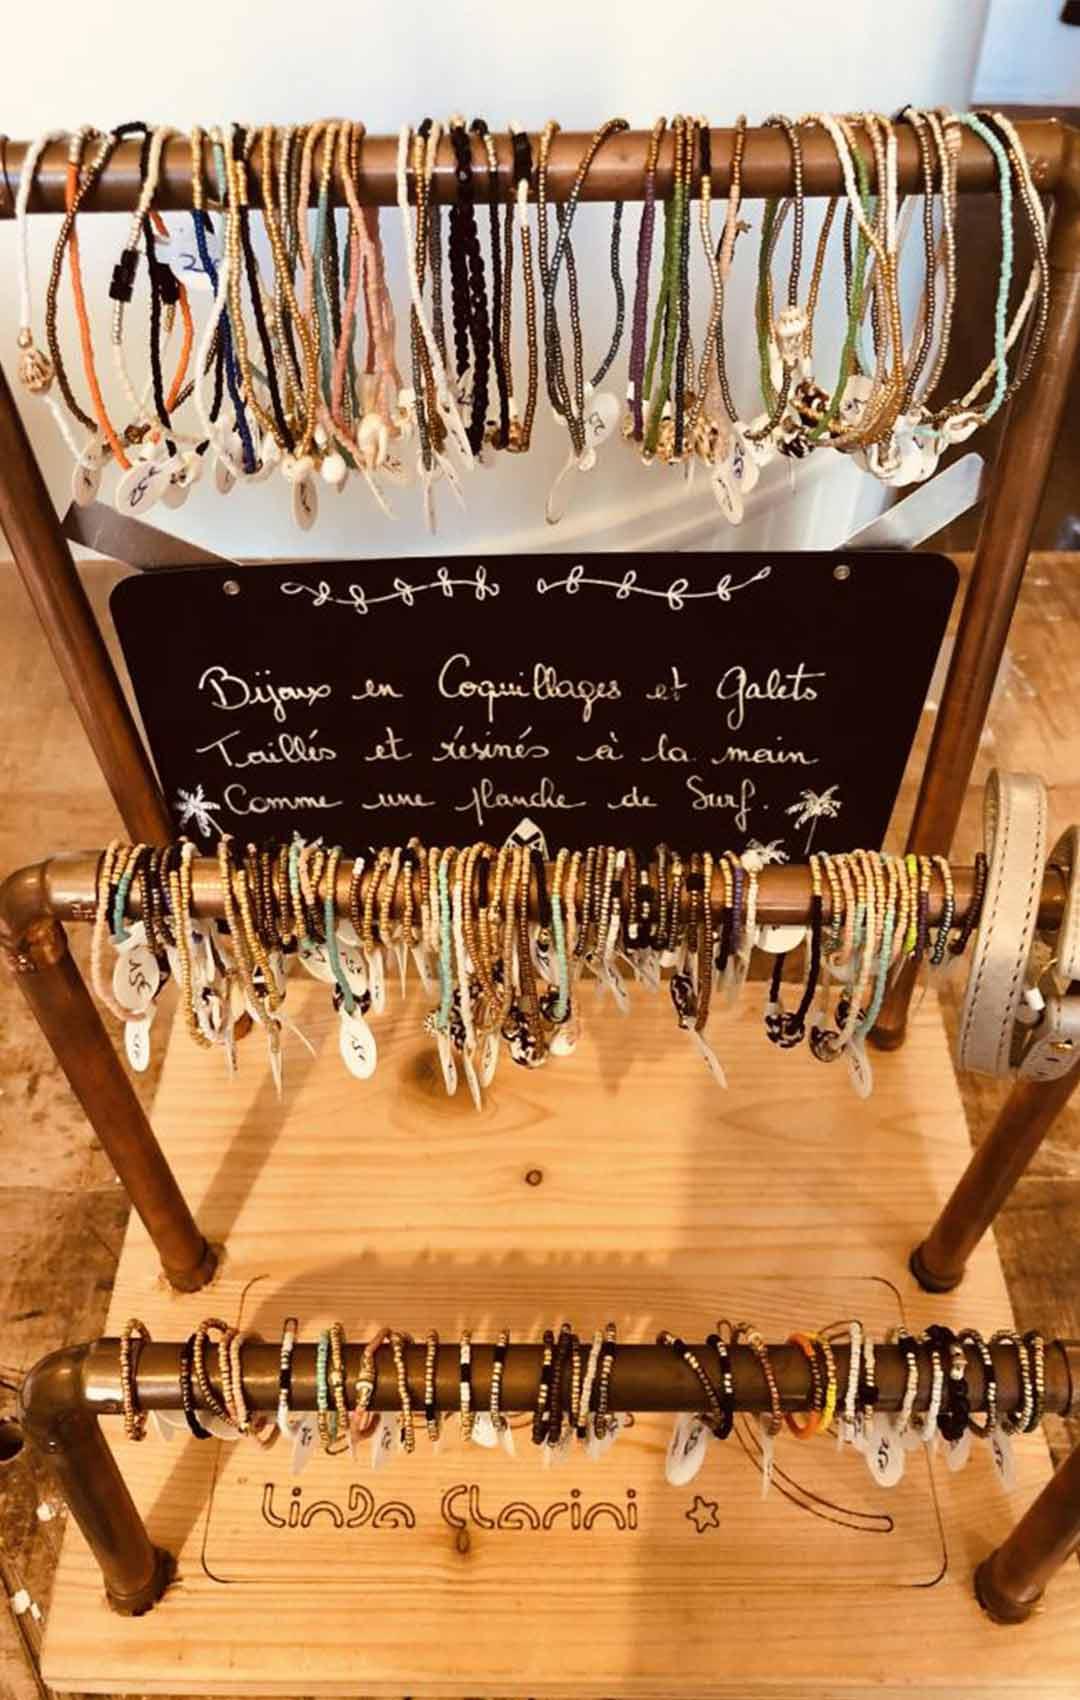 2-collection-linda-clarini-concept-boutique-le-boudoir-des-louloux-depot-vente-biarritz-concept-store